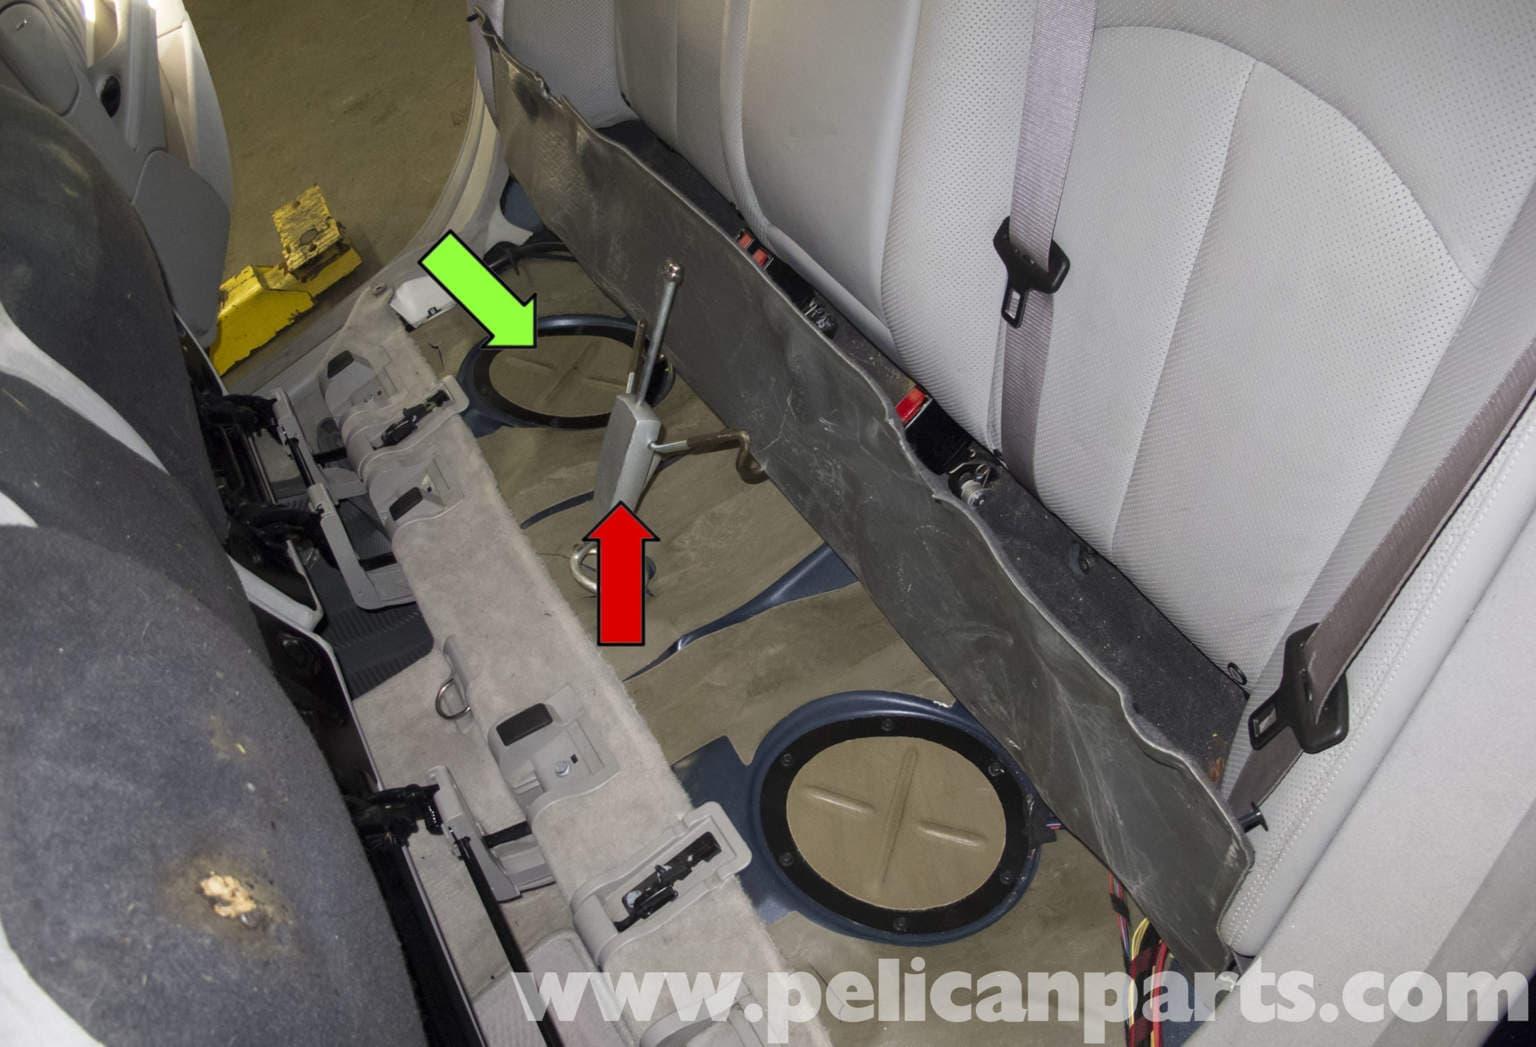 1996 Honda Accord Fuse Box Diagram Mercedes Benz W211 Fuel Pump Replacement 2003 2009 E320